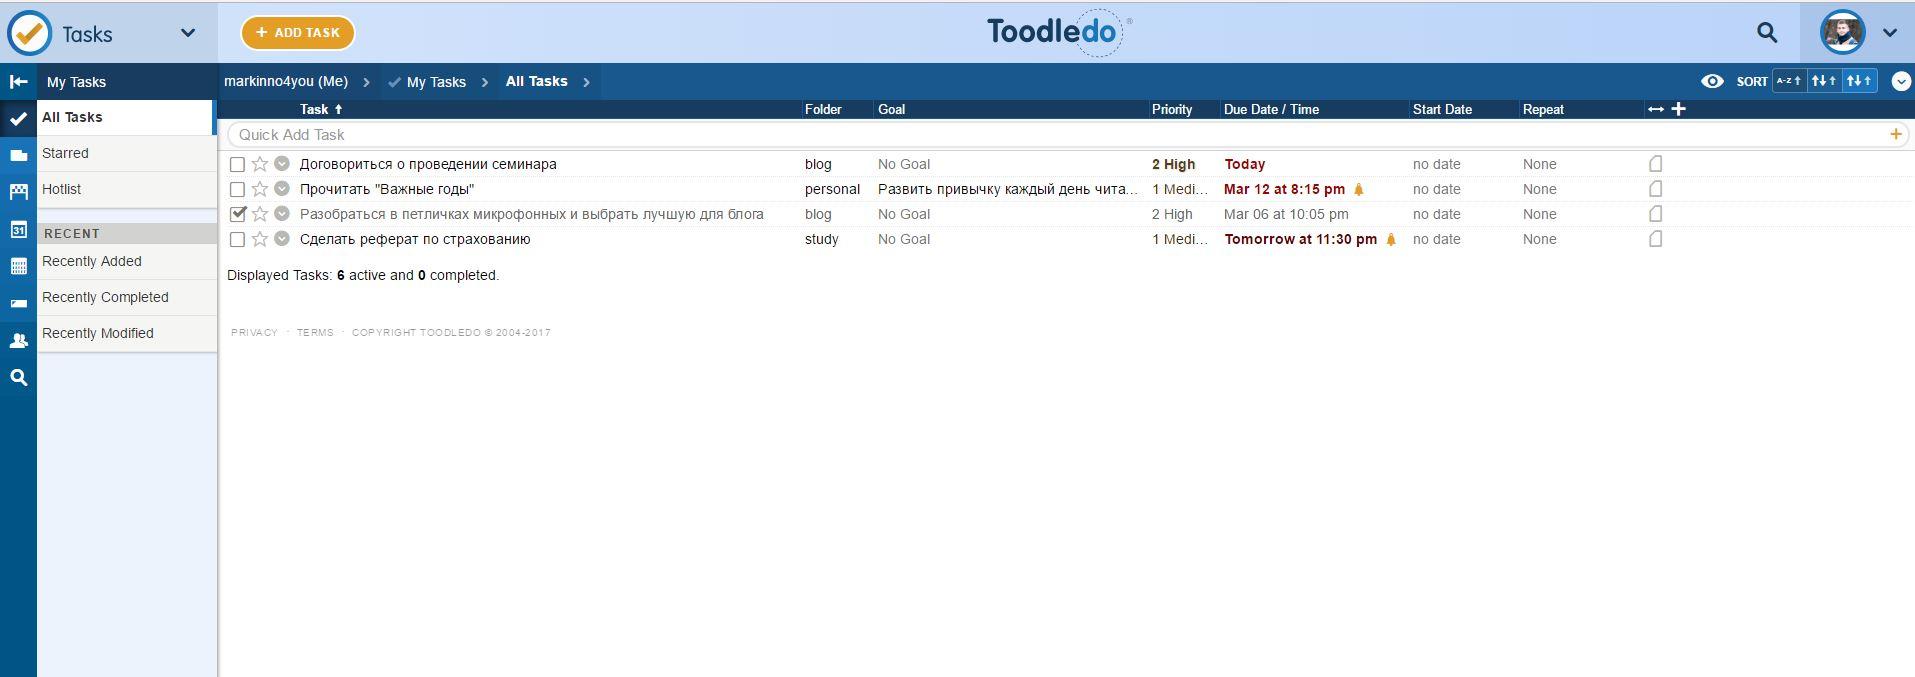 Обзор Toodledo - лучшего задачника по методу GTD